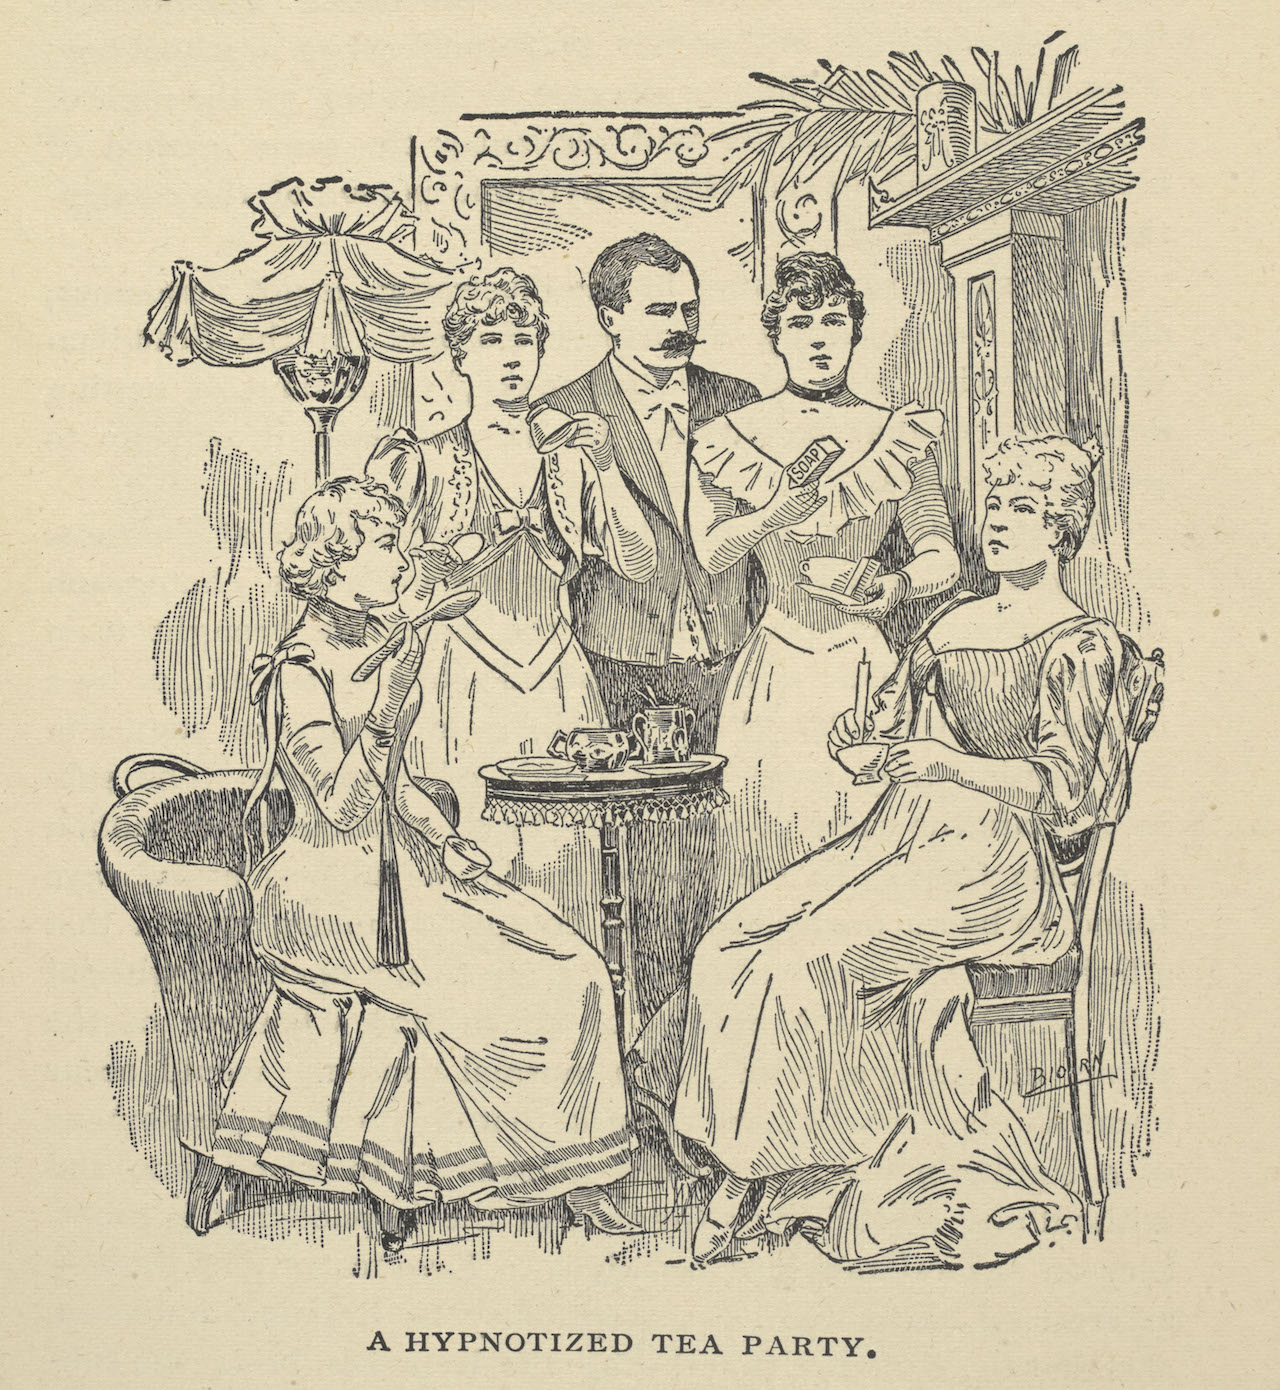 7410. dh. 20, p. 26